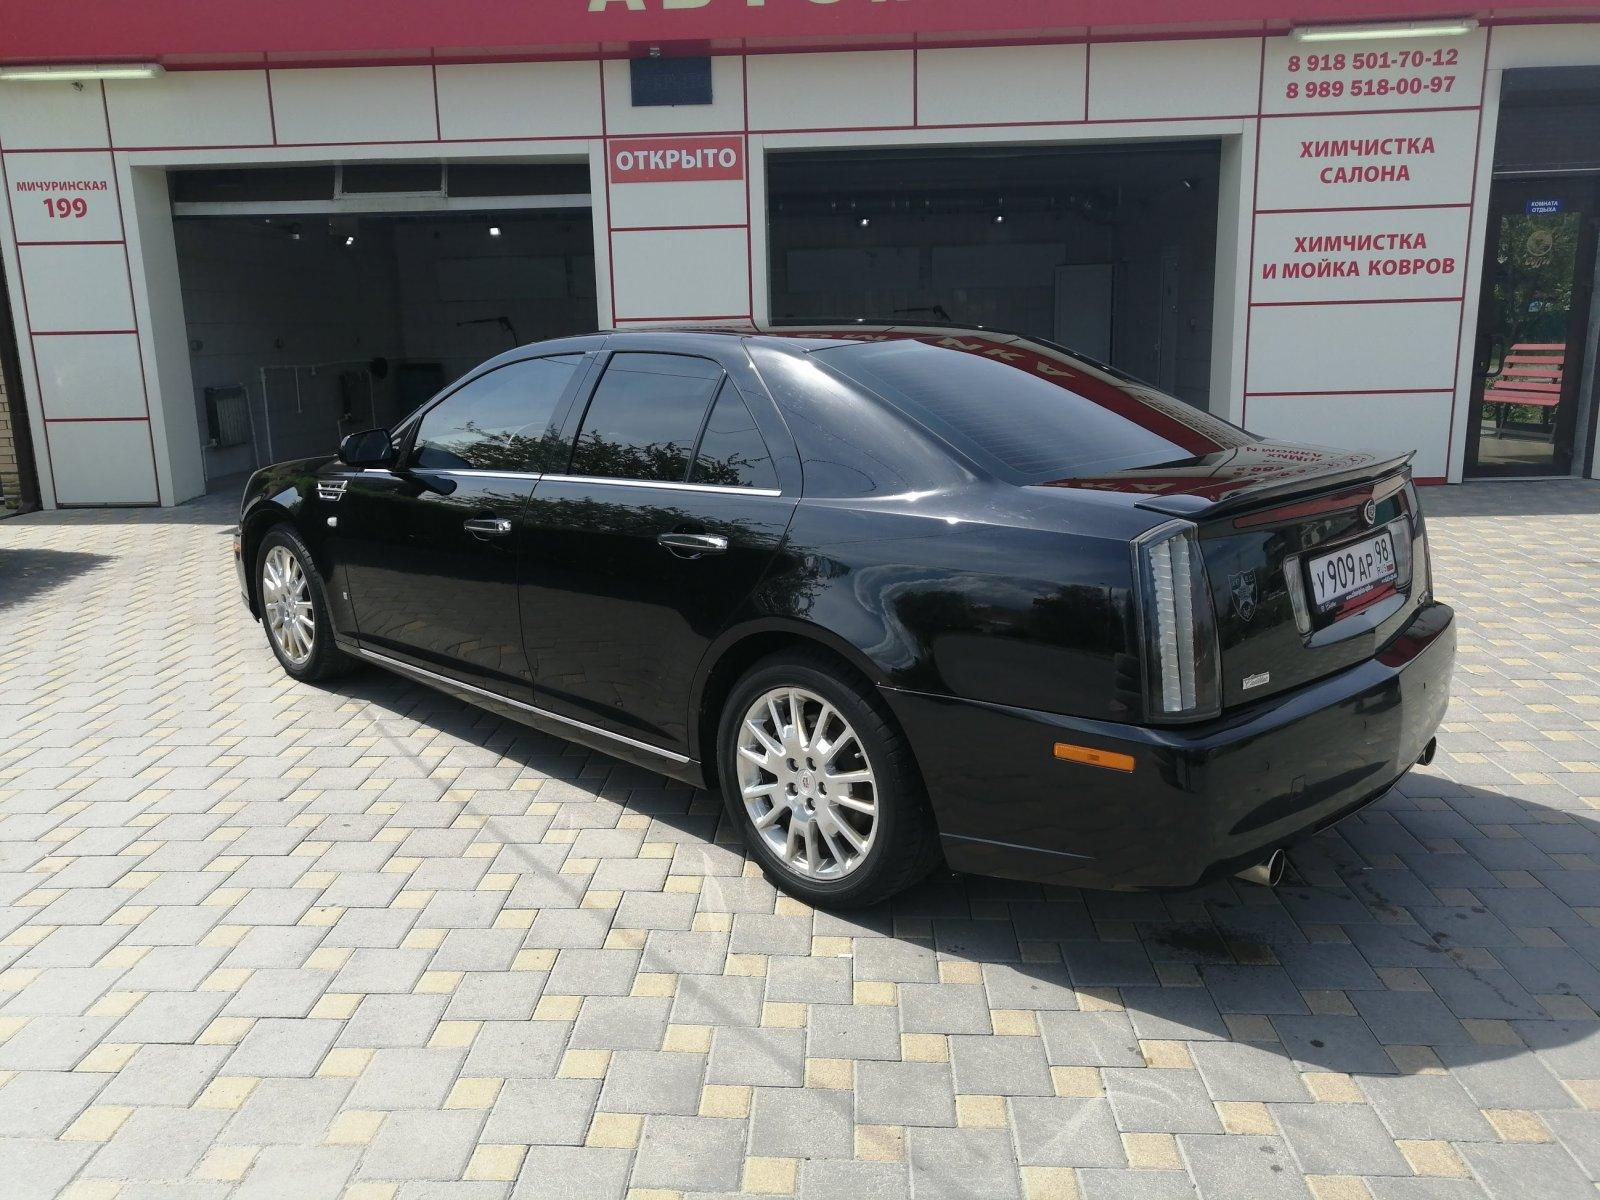 Cadillac_3-4.jpg